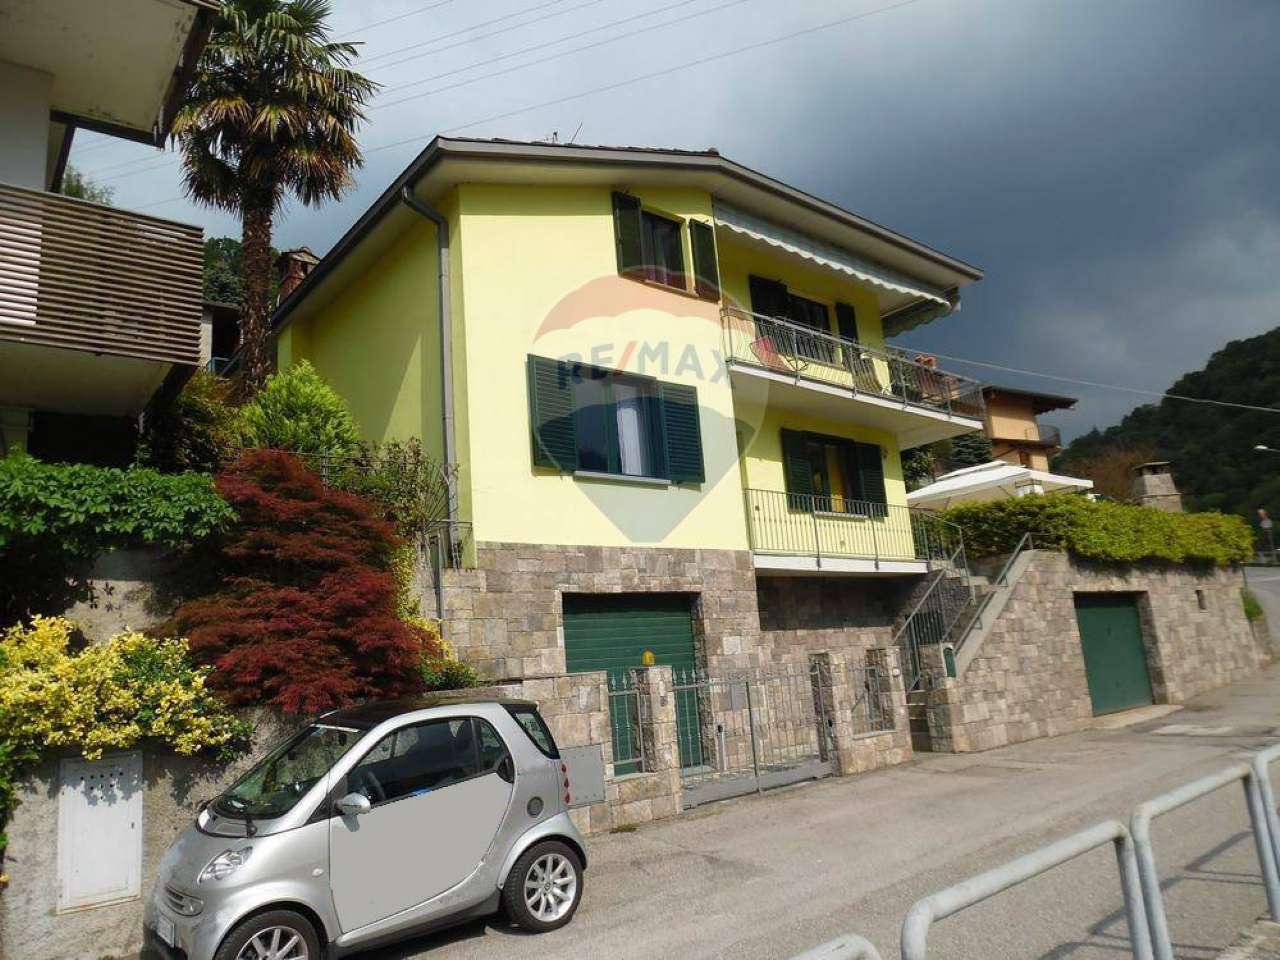 Soluzione Indipendente in vendita a Villa d'Almè, 9999 locali, prezzo € 298.000   CambioCasa.it